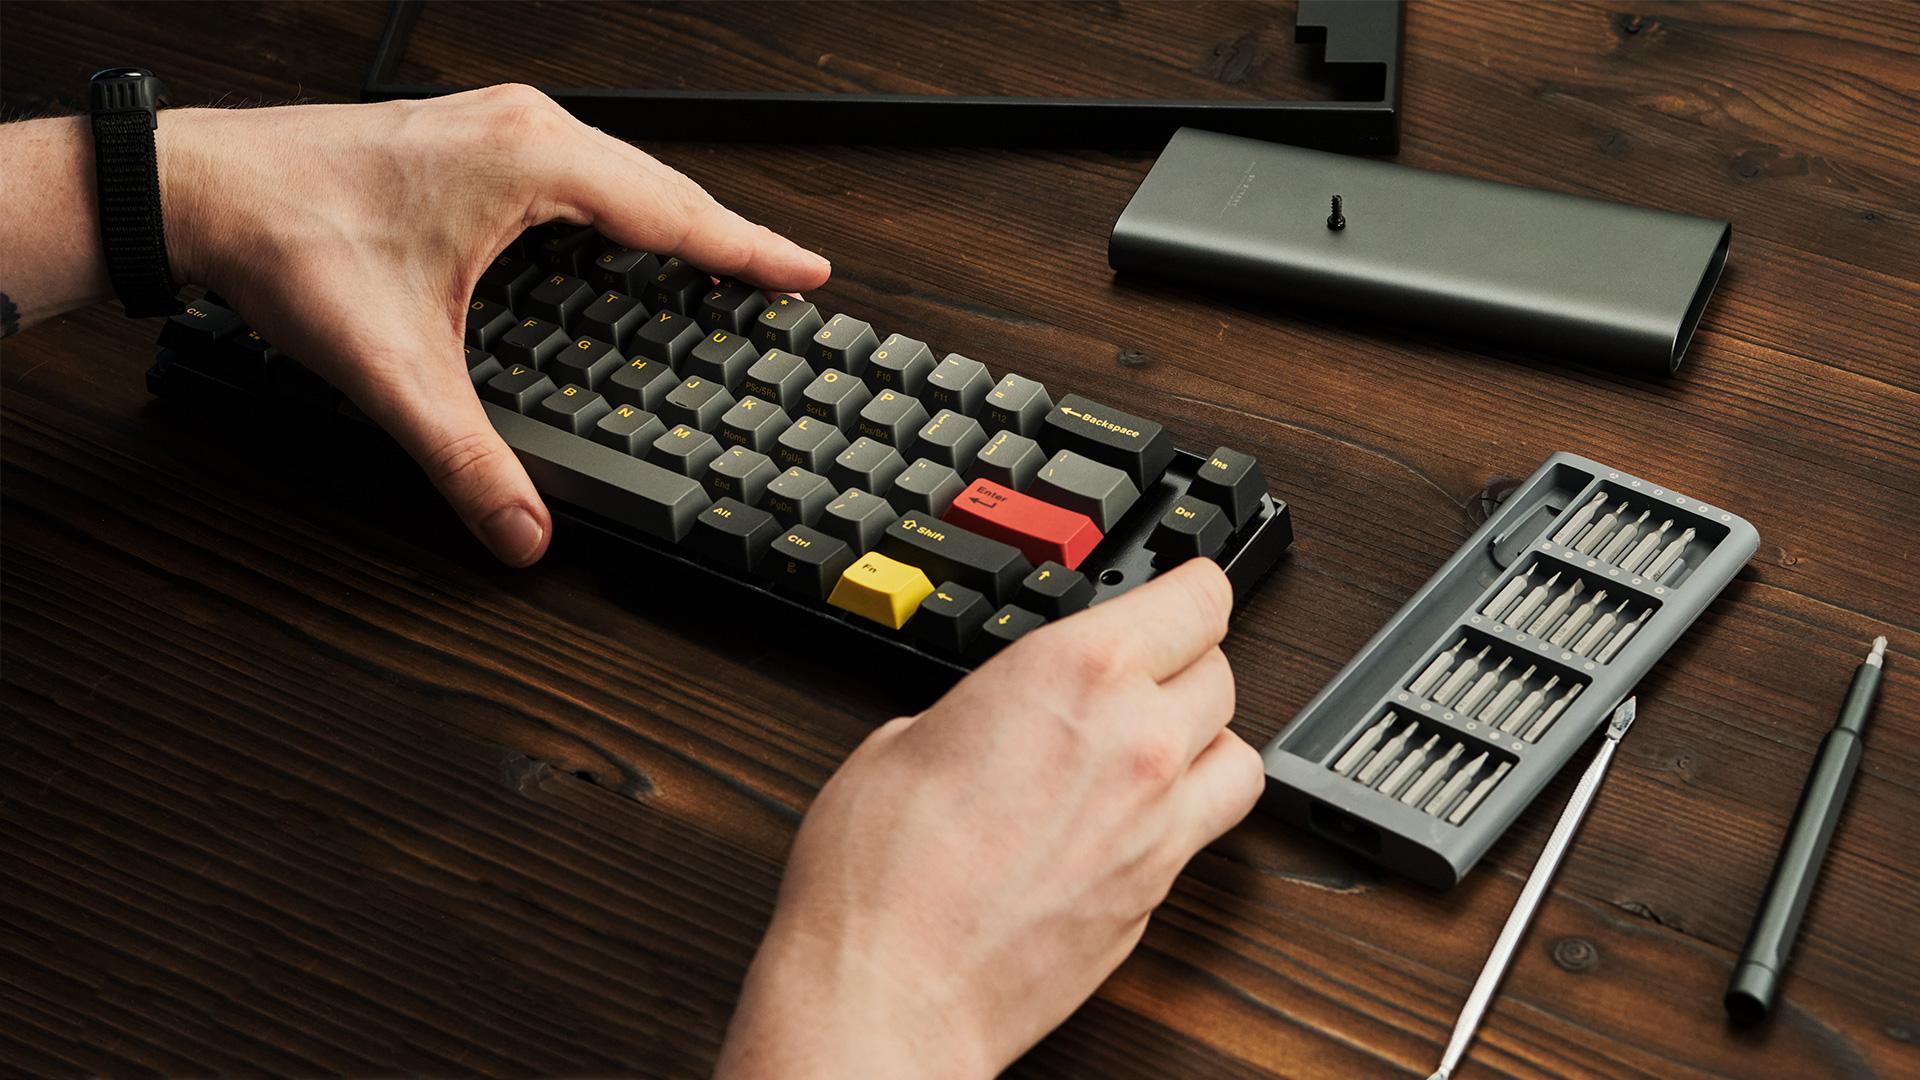 Leopold FC660M — извлечения основной части клавиатуры из корпуса